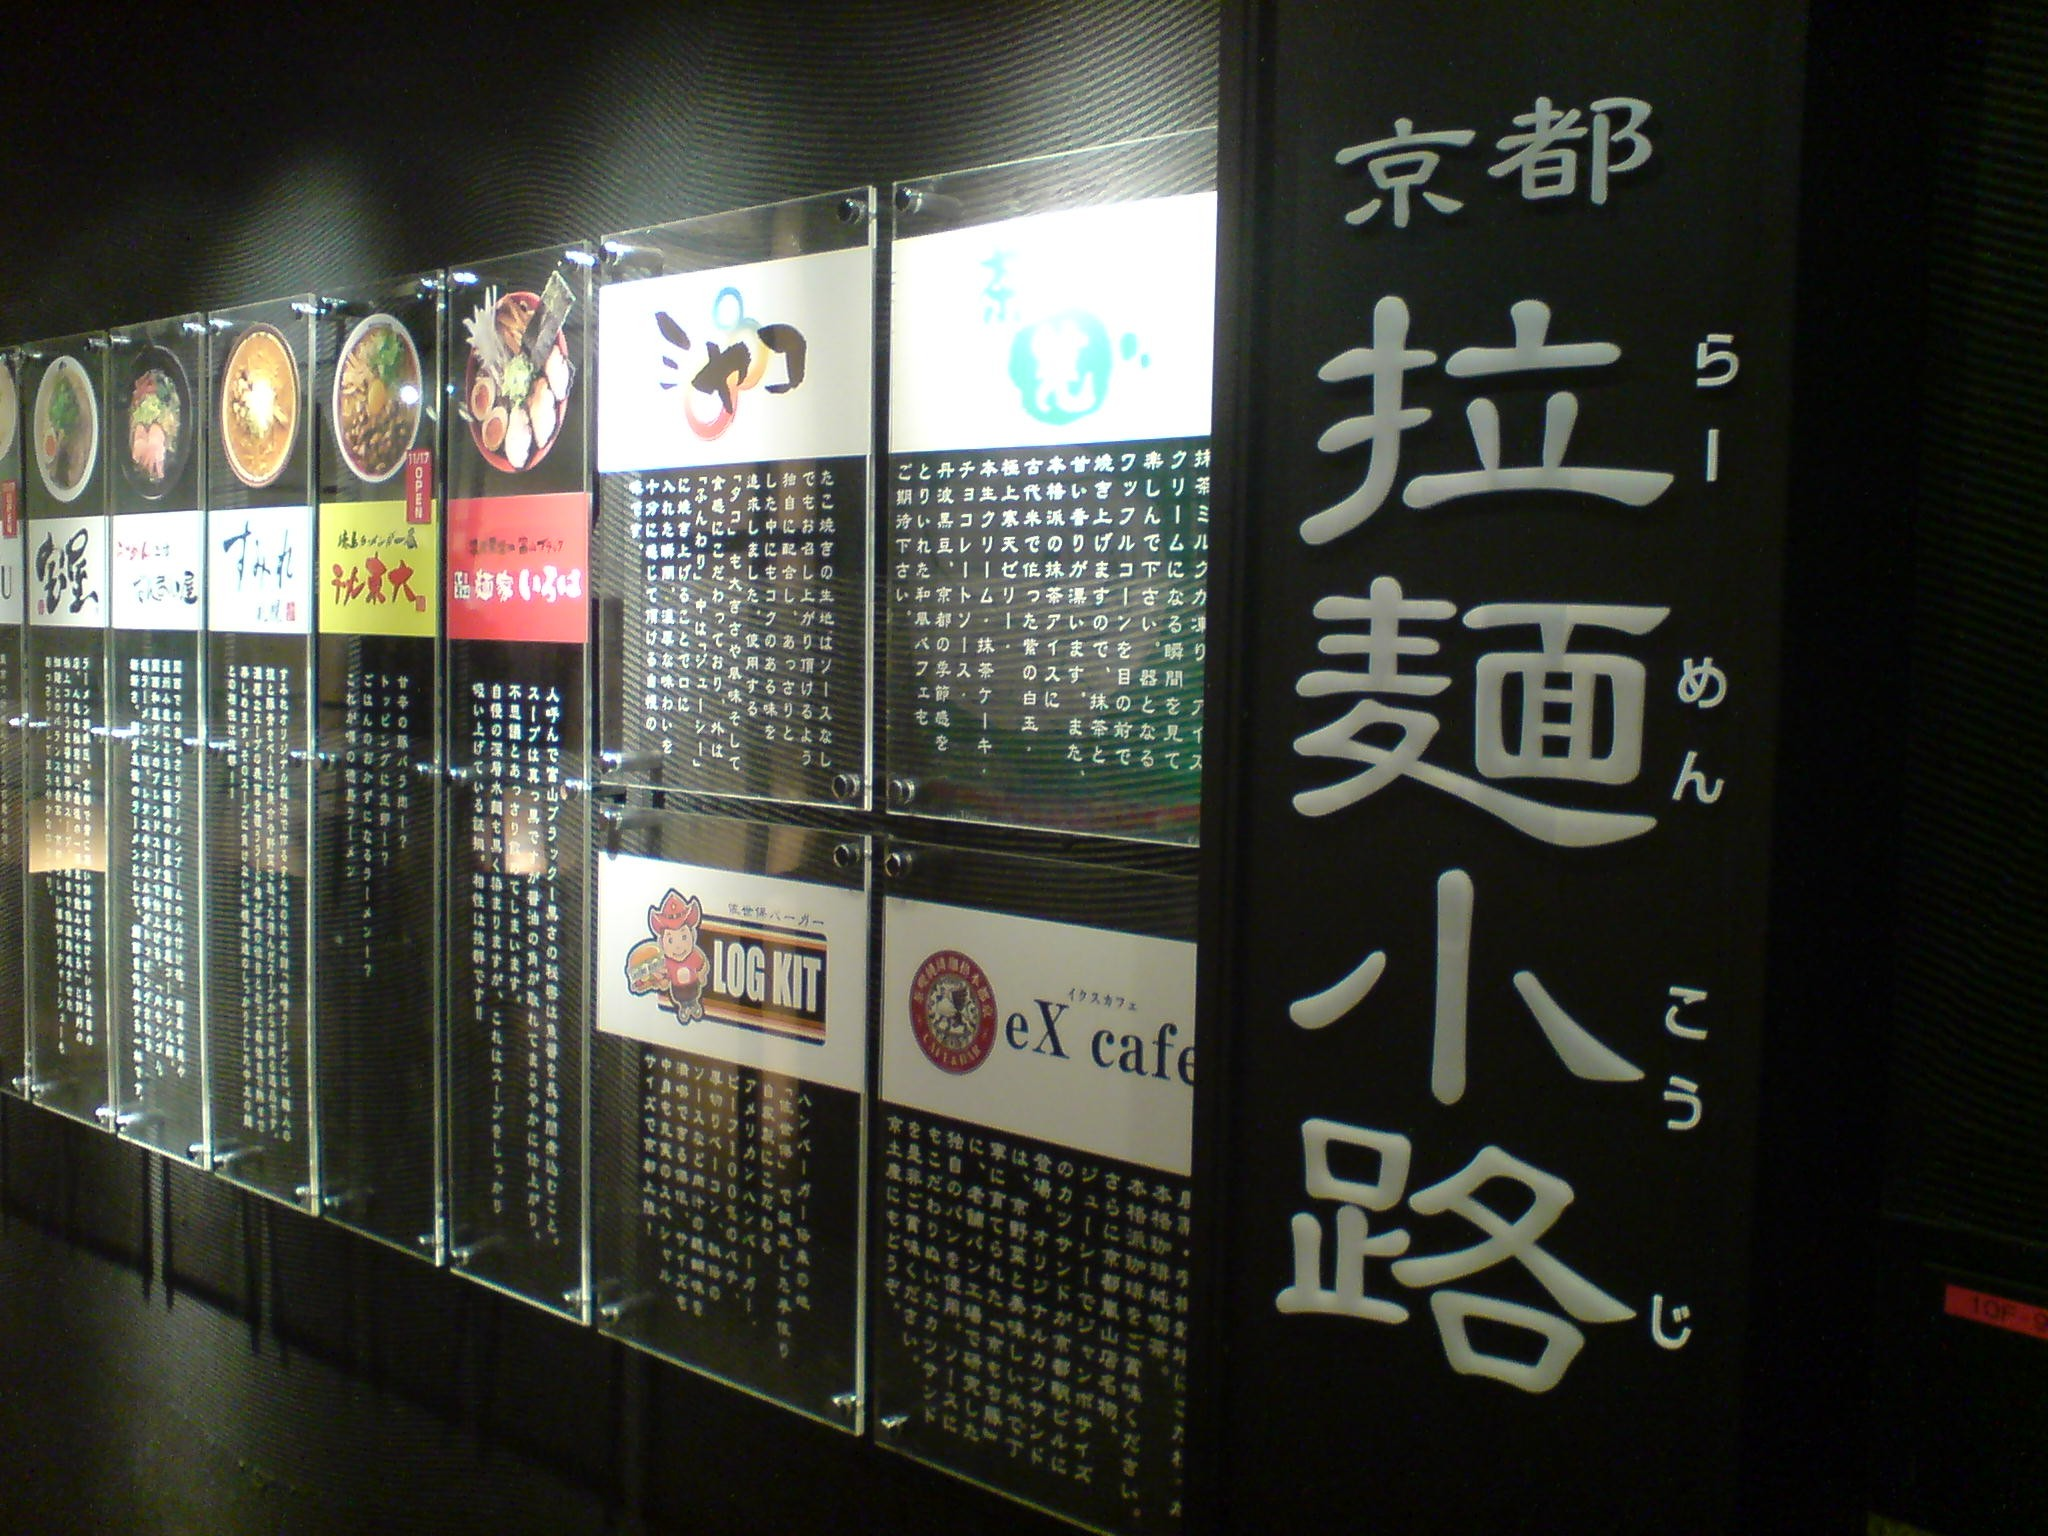 京都駅で全国のご当地ラーメン全制覇!?「京都拉麺小路」がアツい!